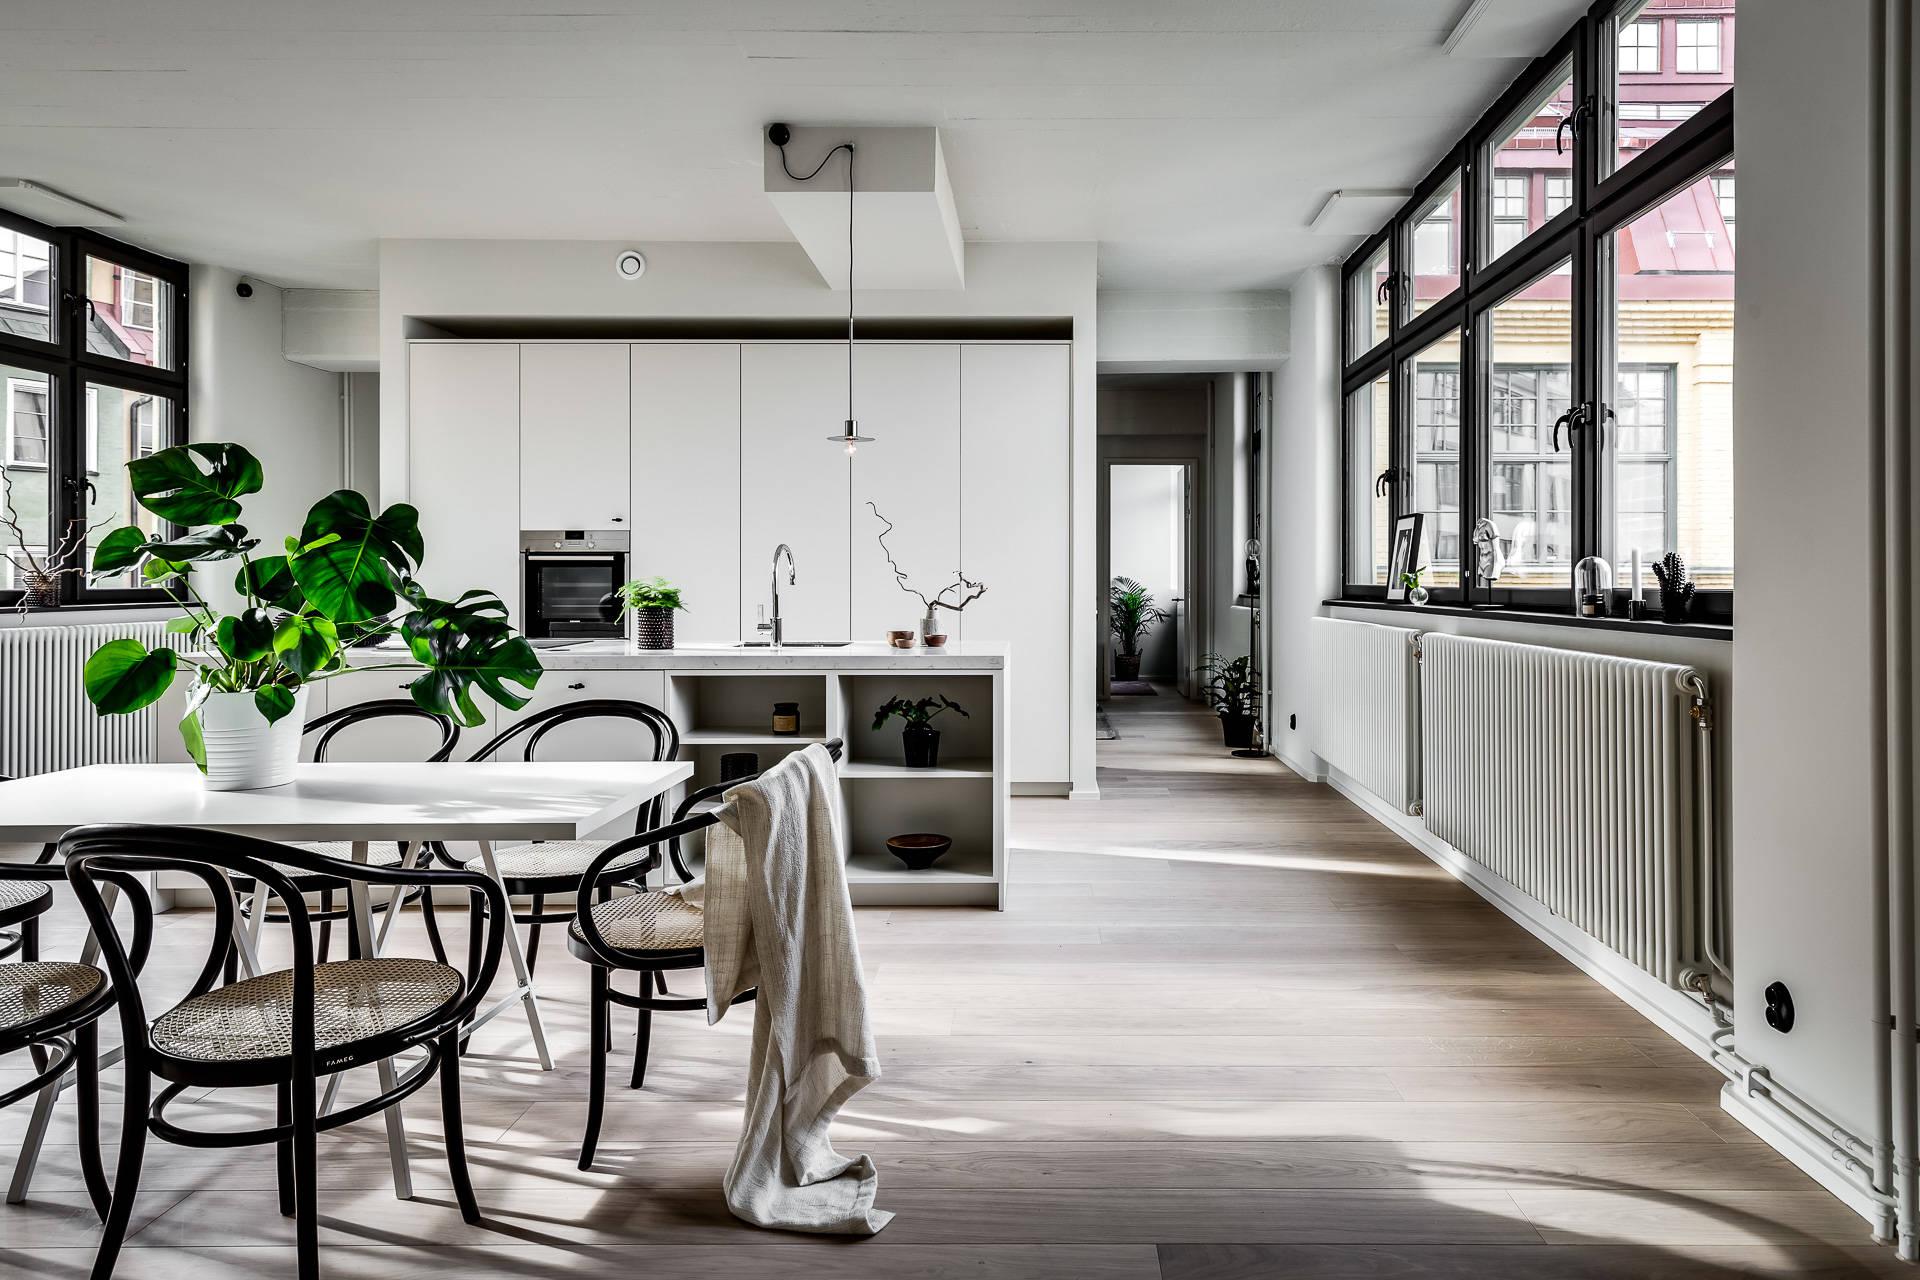 Espectacular Cocina Sueca Abierta Delikatissen Bloglovin  # Muebles Mio Suecos